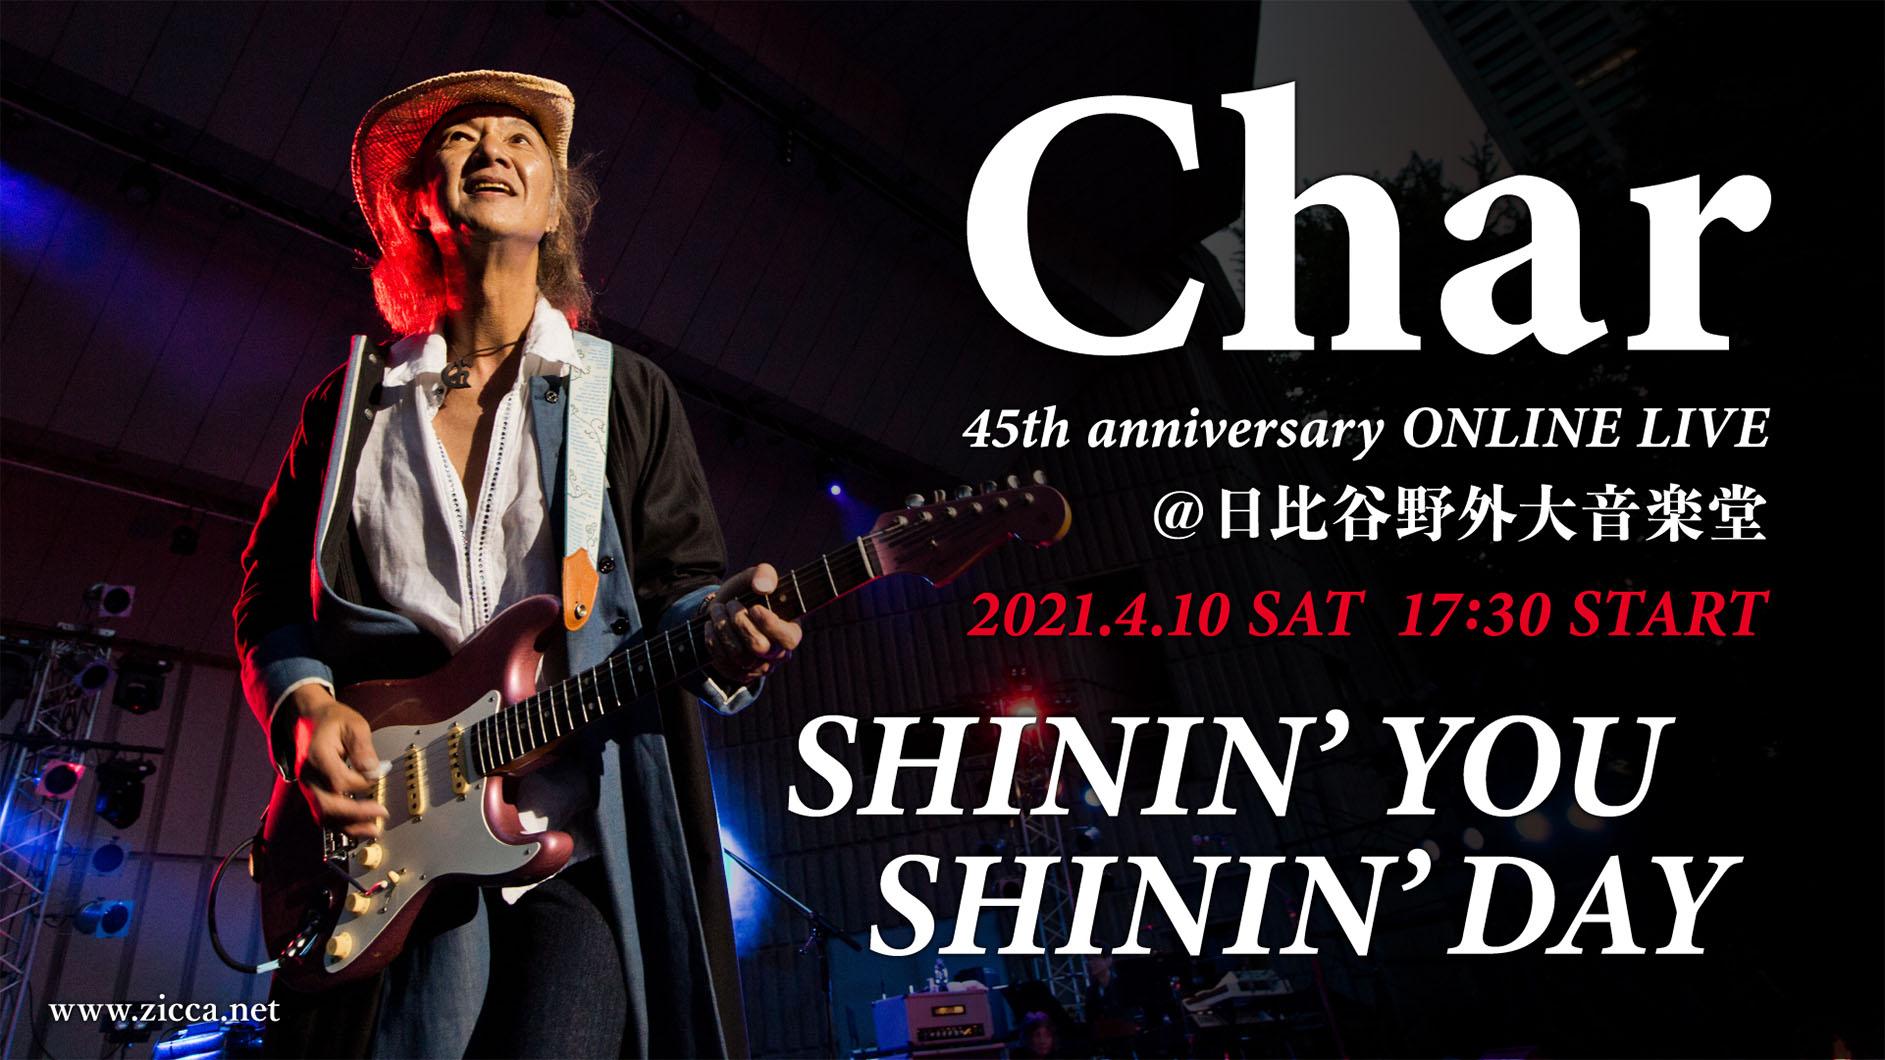 Charのデビュー45周年記念ライブ4月10日(土)に日比谷野音から配信